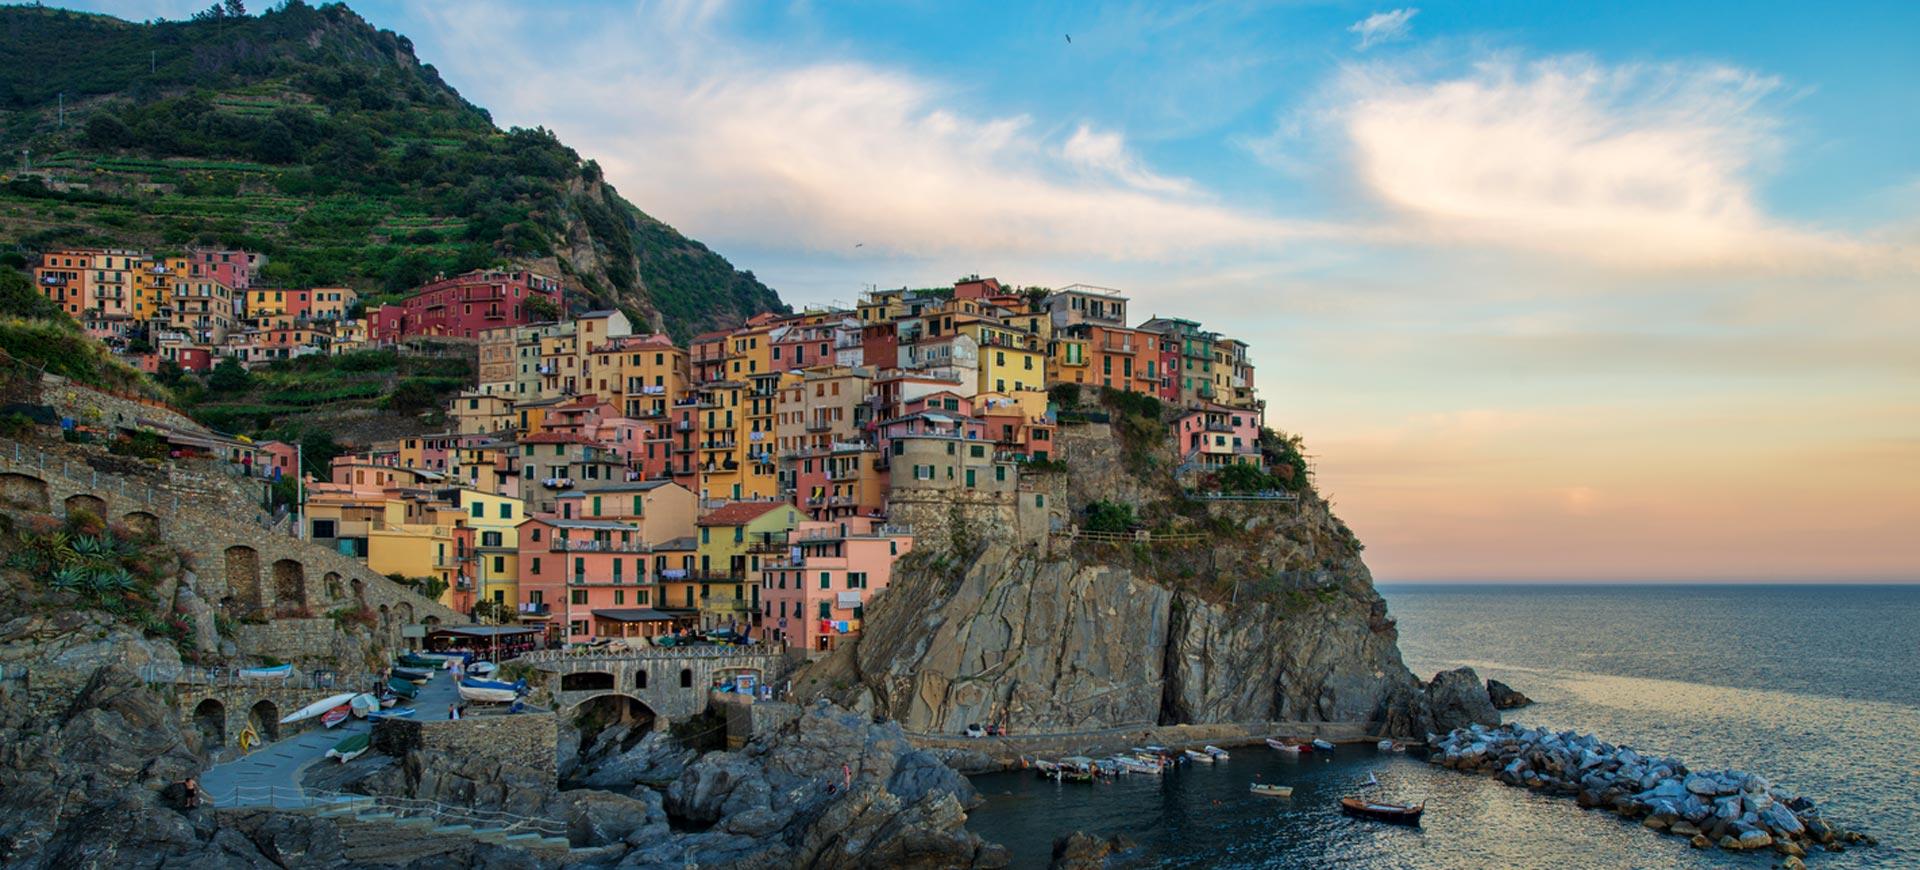 Portofino and Cinque Terre